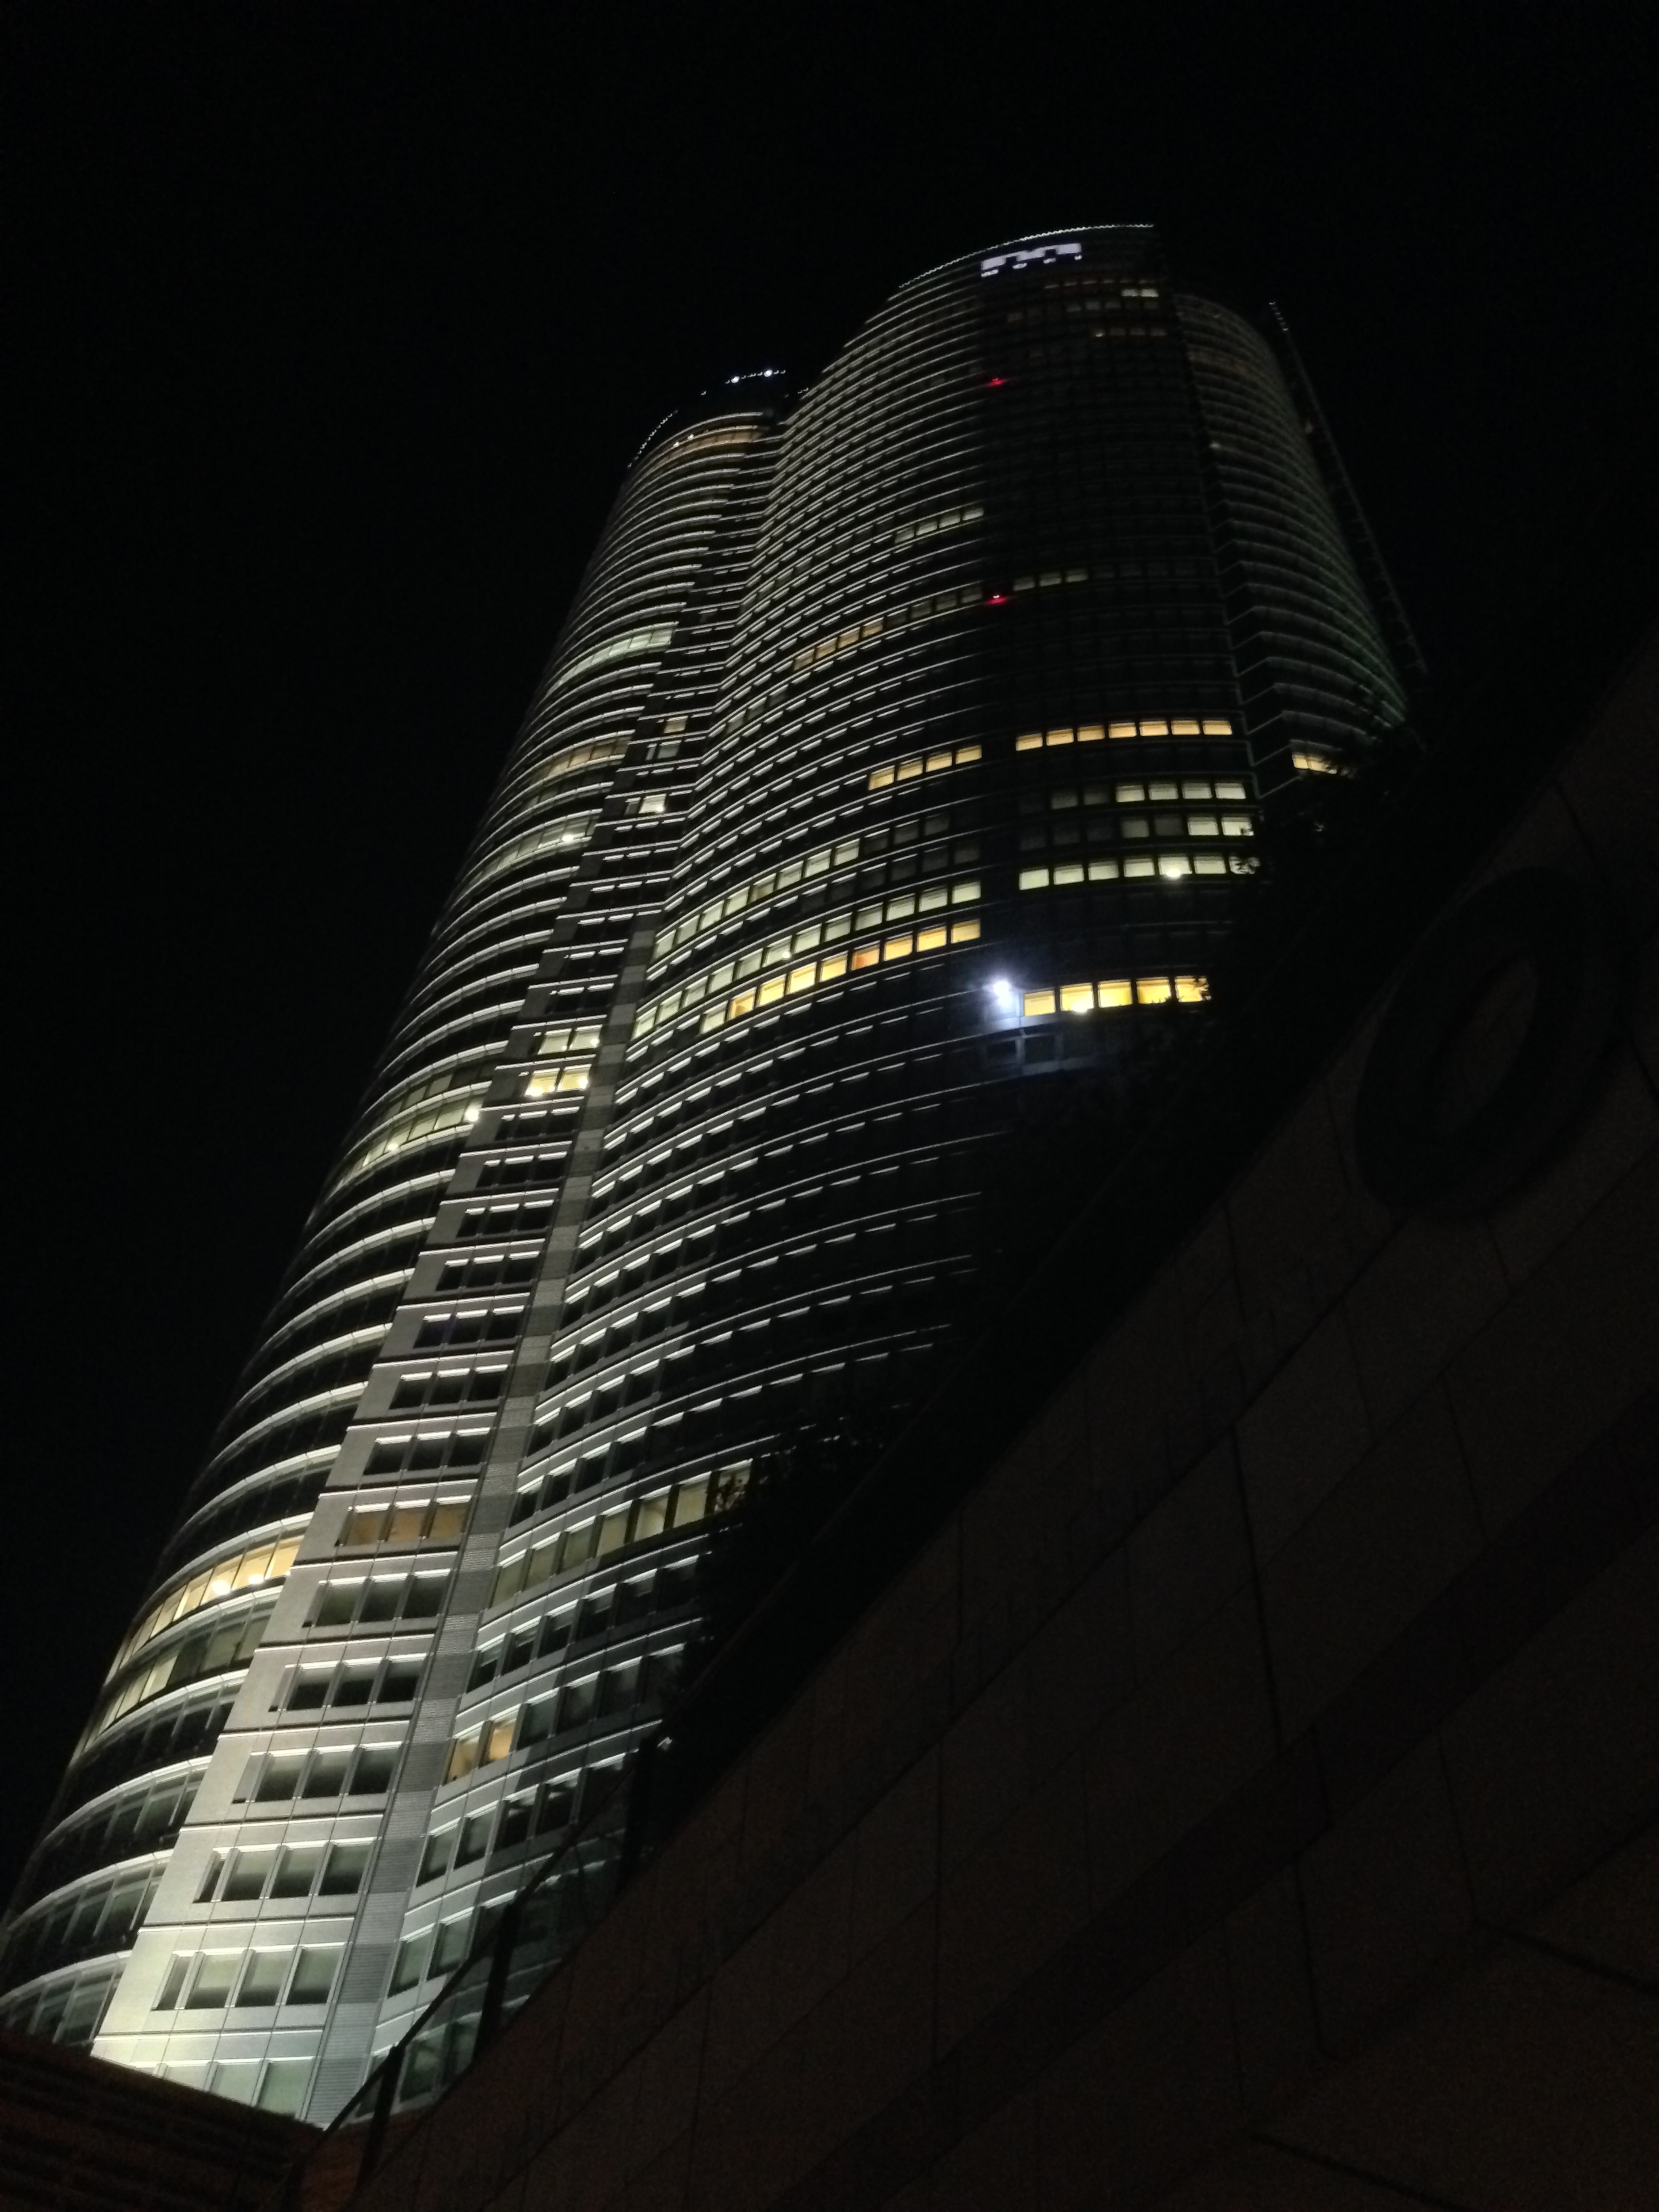 Mori Tower at night